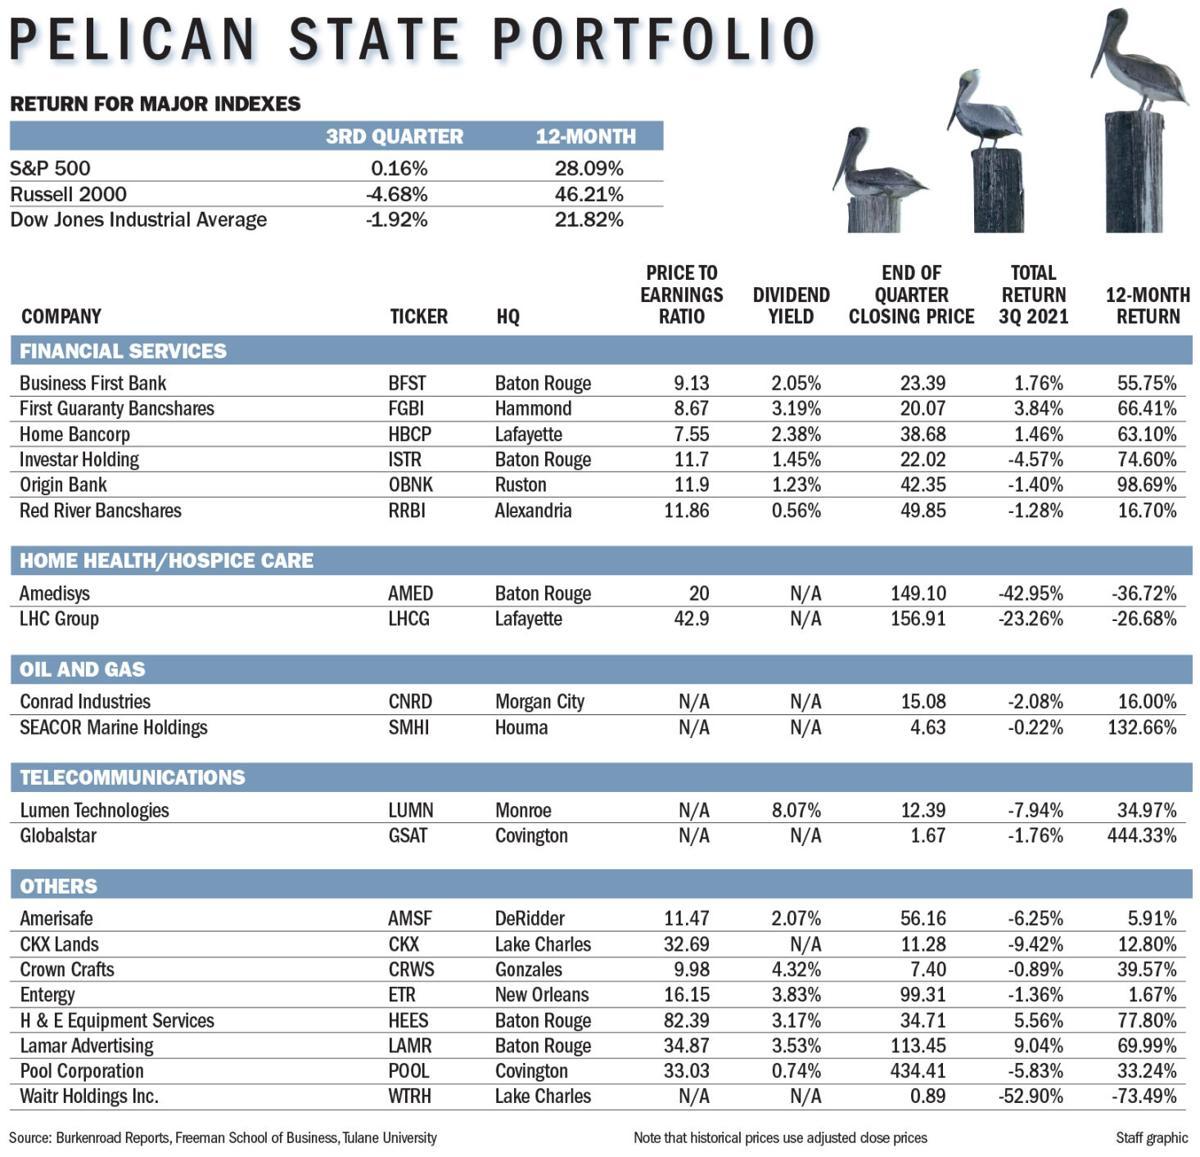 101021 Pelican State Portfolio